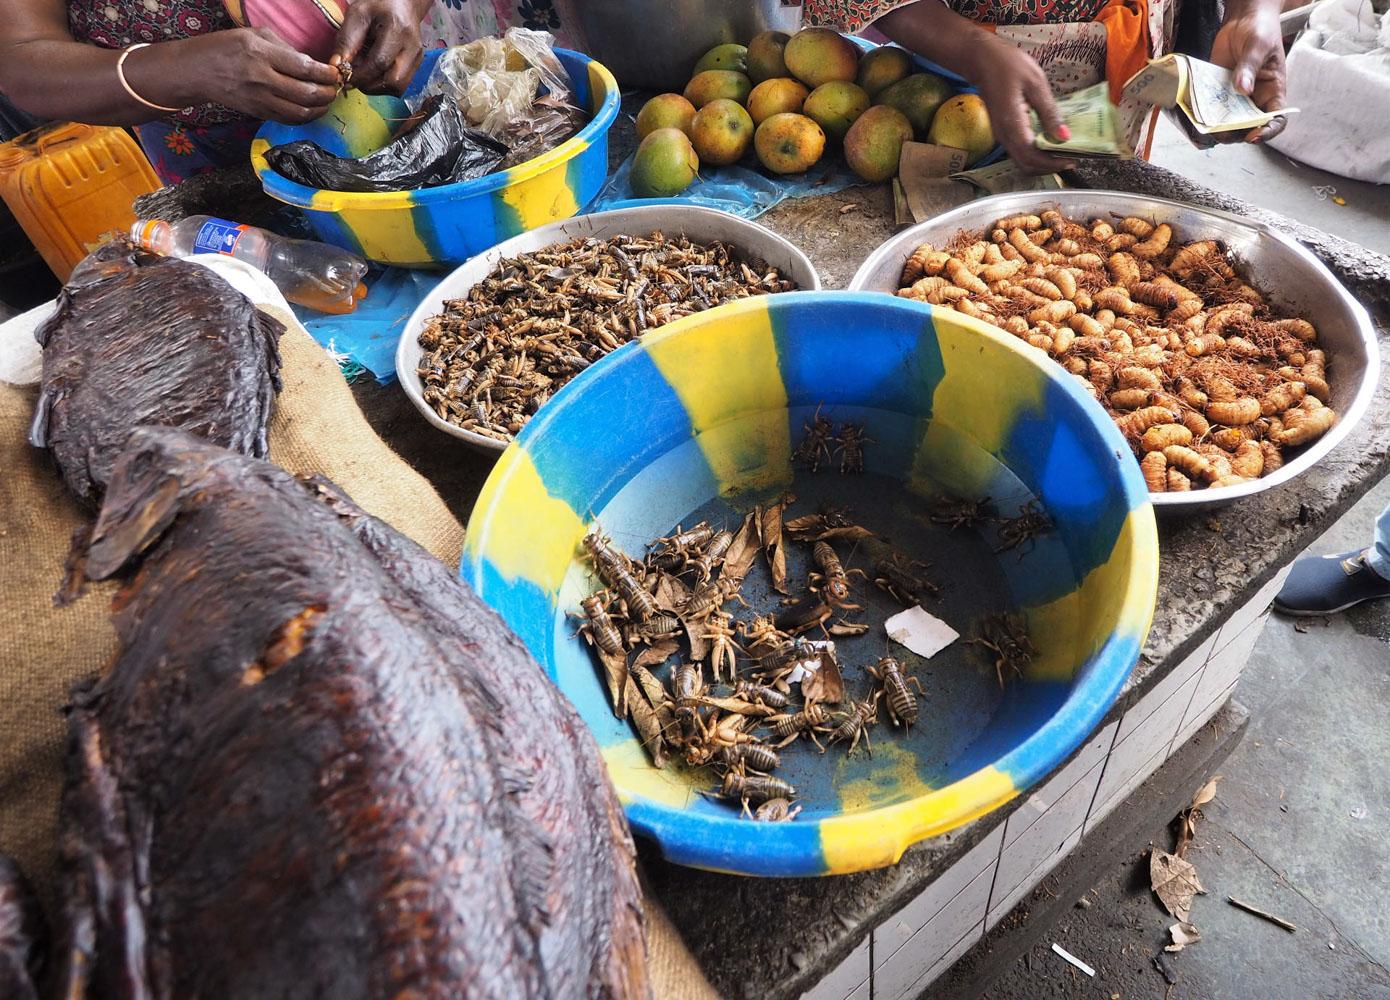 1日1回、正確には0.8回、大きな村に上陸して、バザールを見学、食料を仕入れる。野菜類が少ないので、野菜嫌いな方には都合がいい。果物は、野生のバナナやパイナップル他、初めて見た(食べた)モノも多かった。